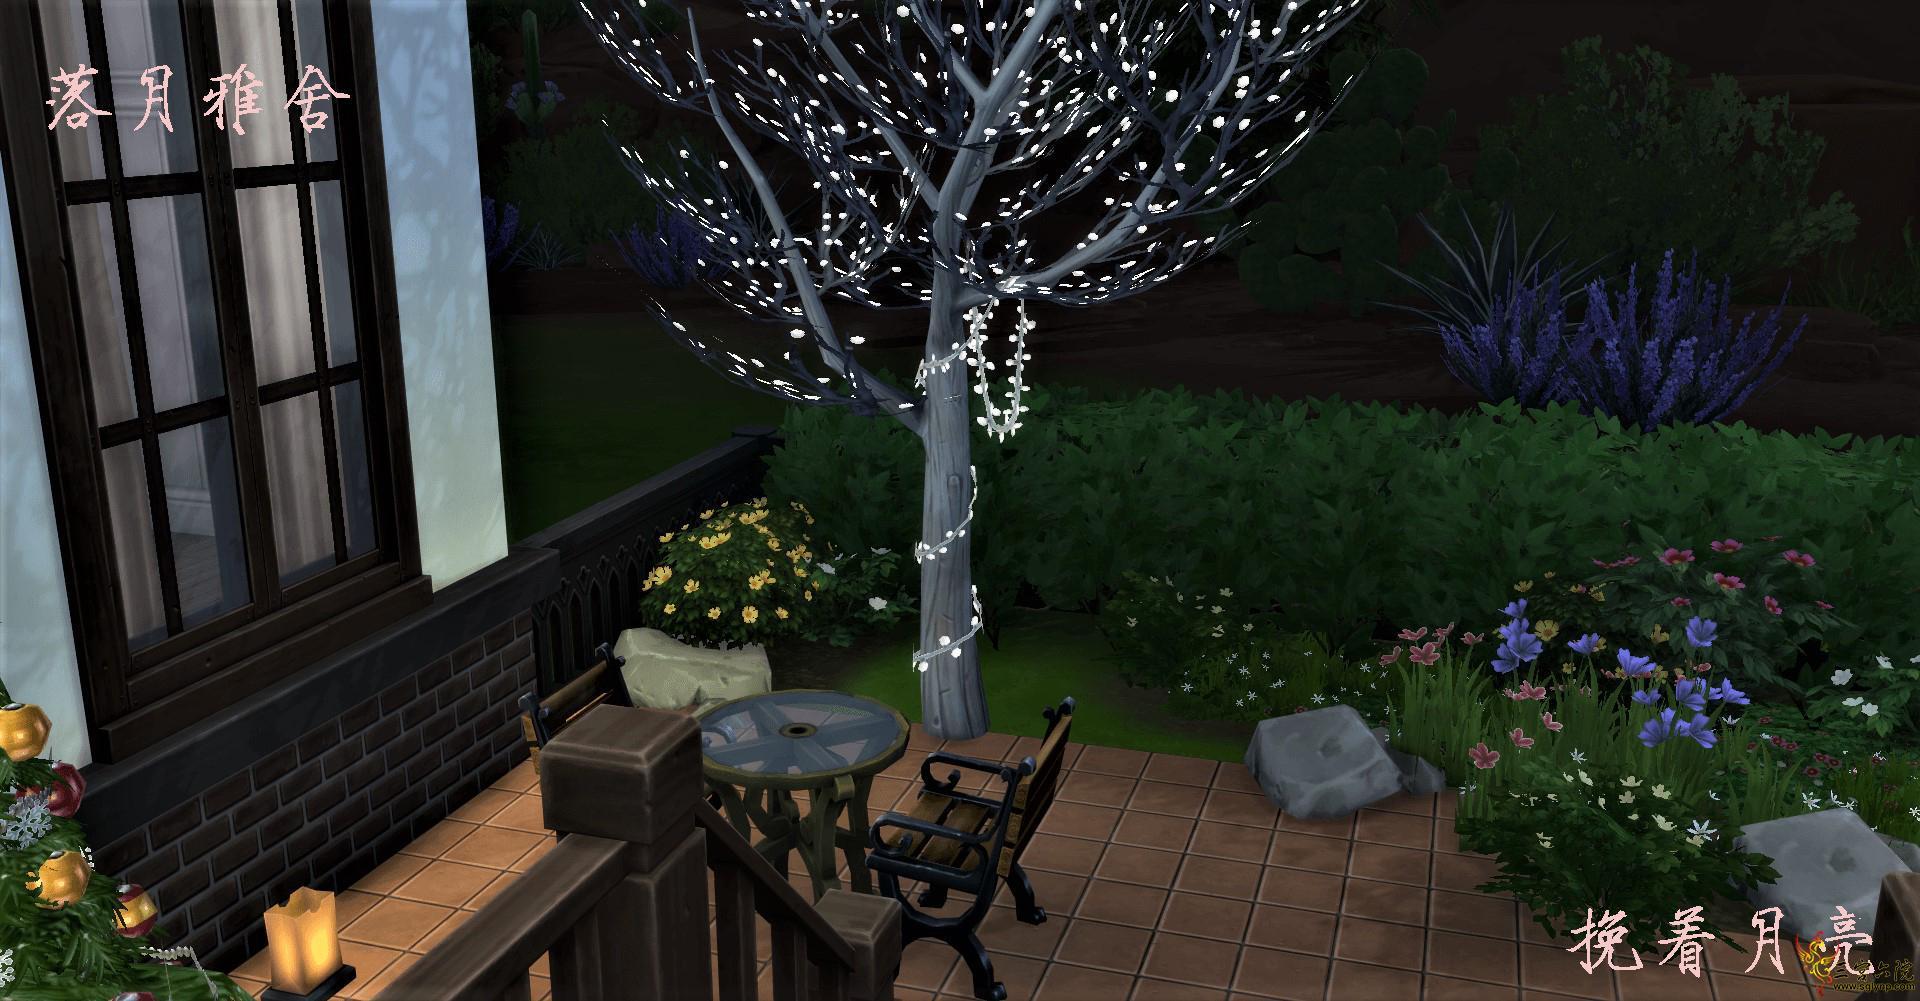 挽着月亮-落月雅舍-庭院夜景 .jpg